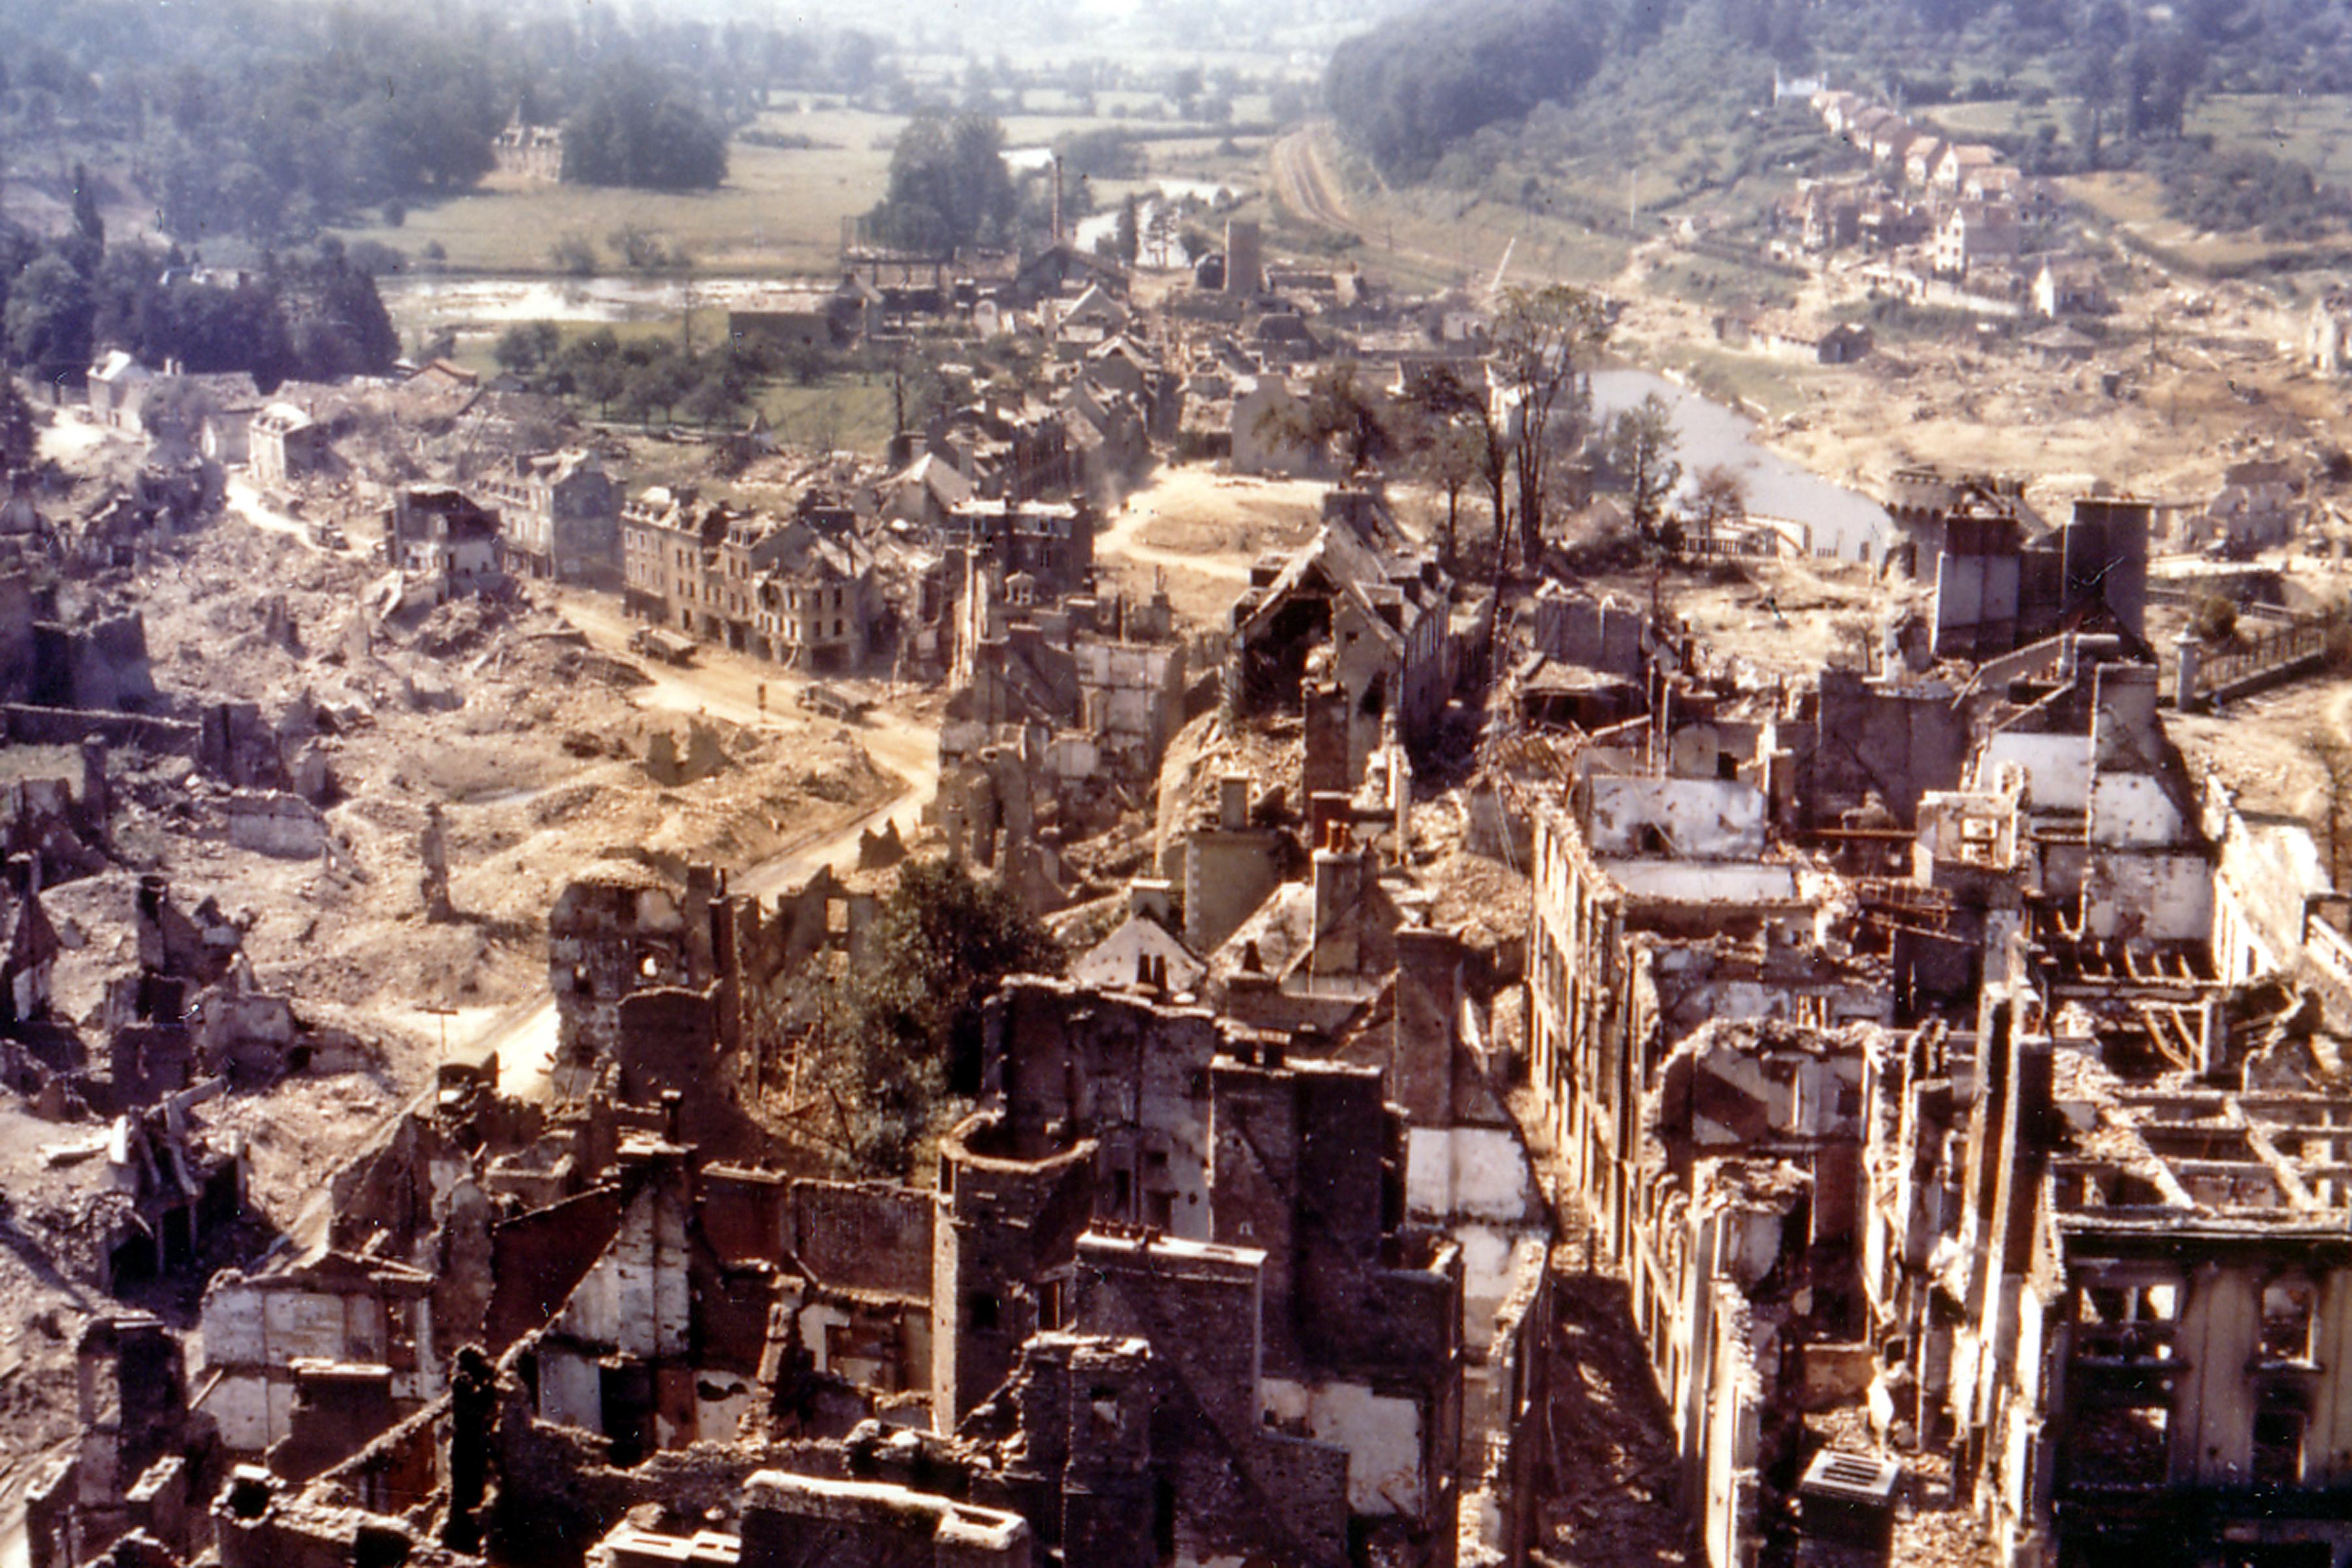 Vue aérienne de la ville Saint-Lô après la «Bataille de Saint-Lô» de juillet 1944